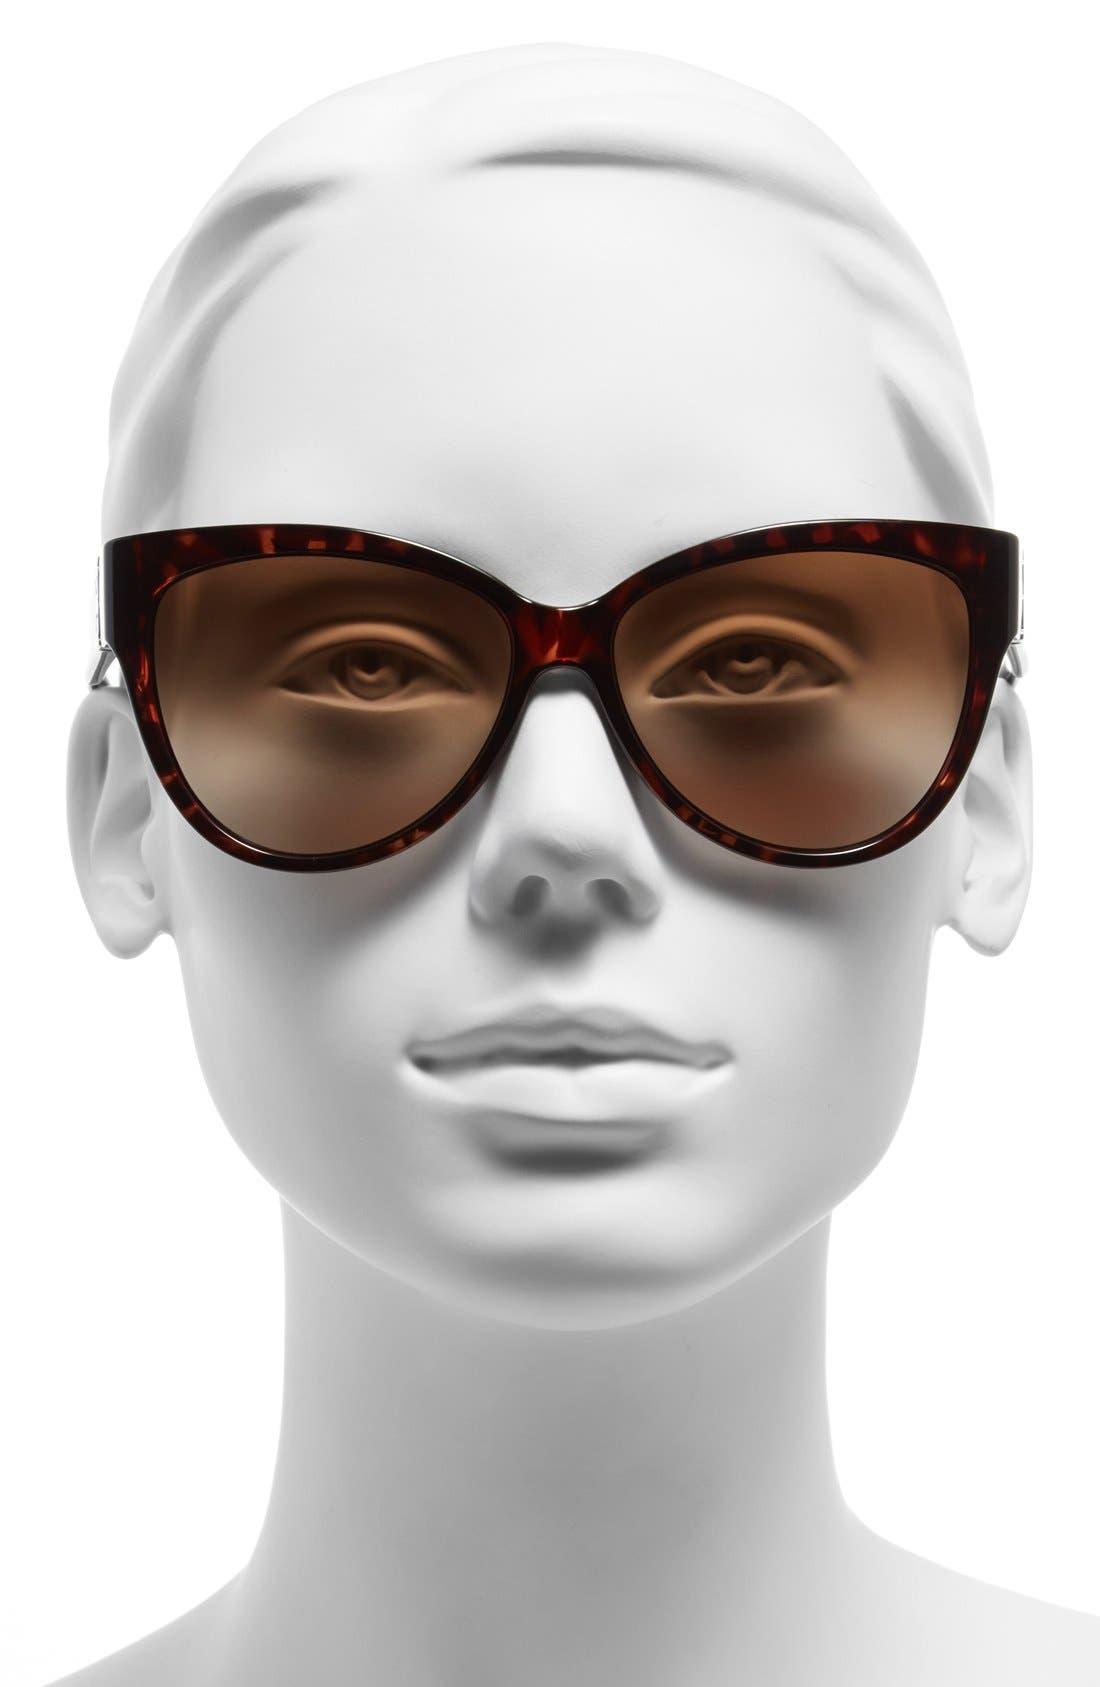 59mm Cat Eye Sunglasses,                             Alternate thumbnail 2, color,                             Tortoise